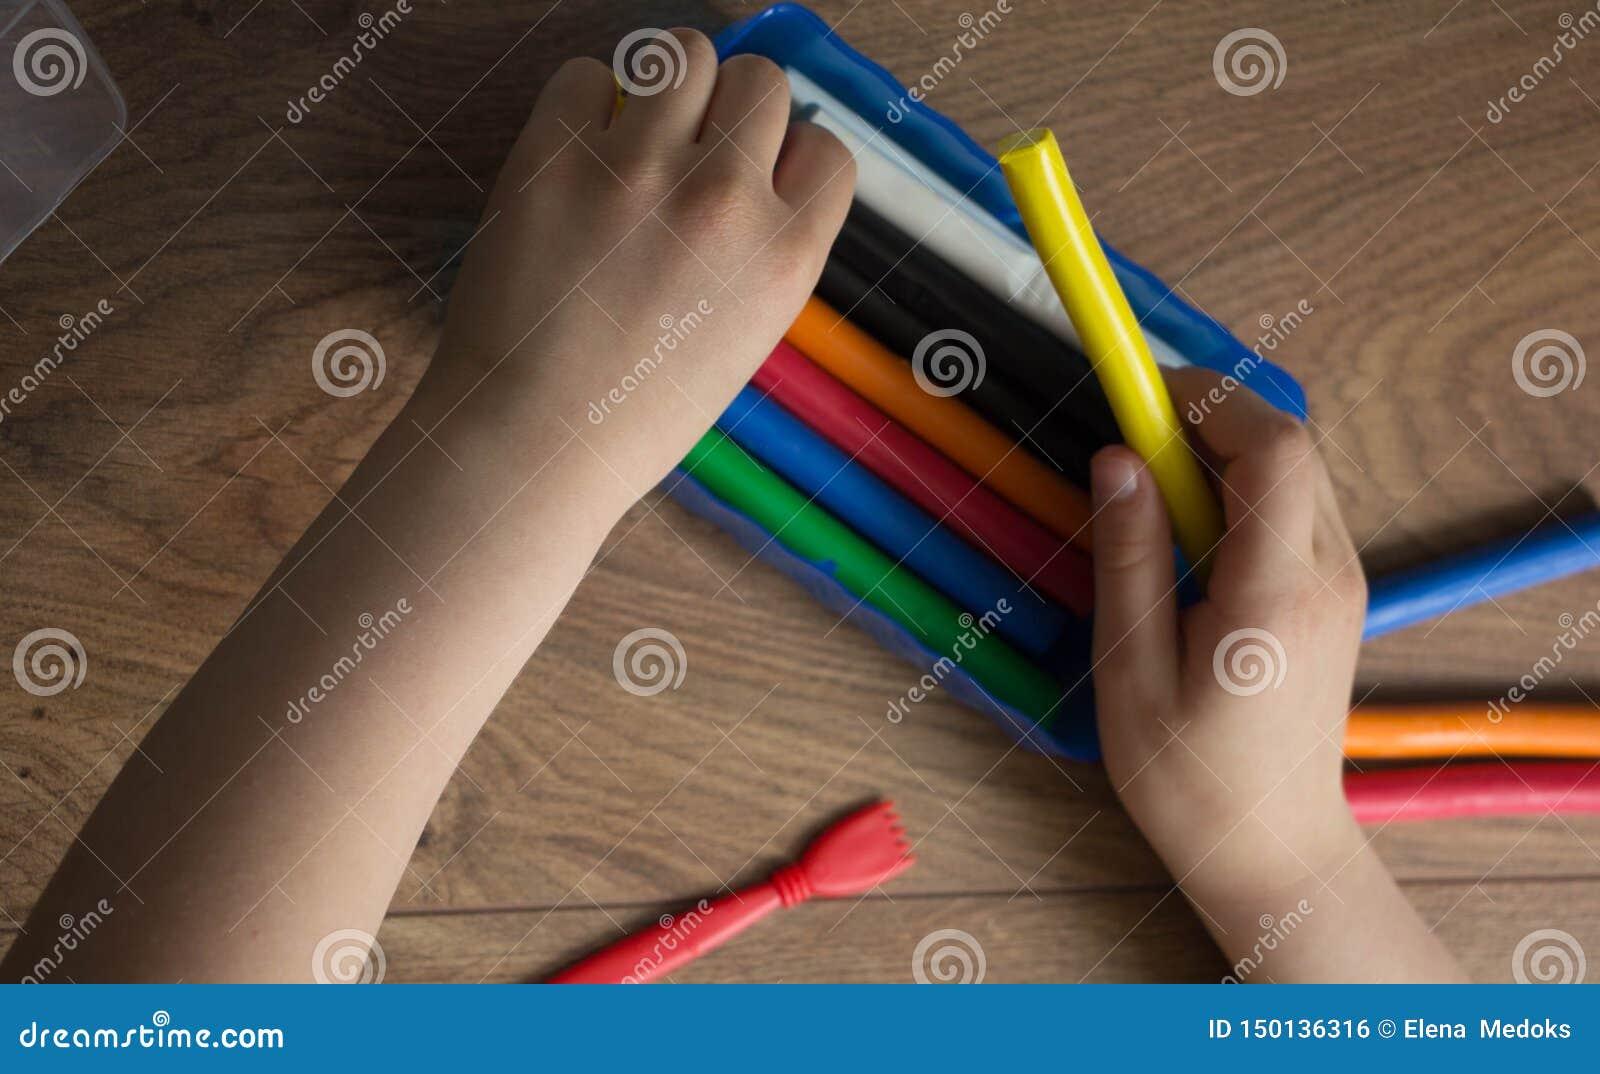 Die Hände des kleinen Mädchens den mehrfarbigen Lehm herausnehmen